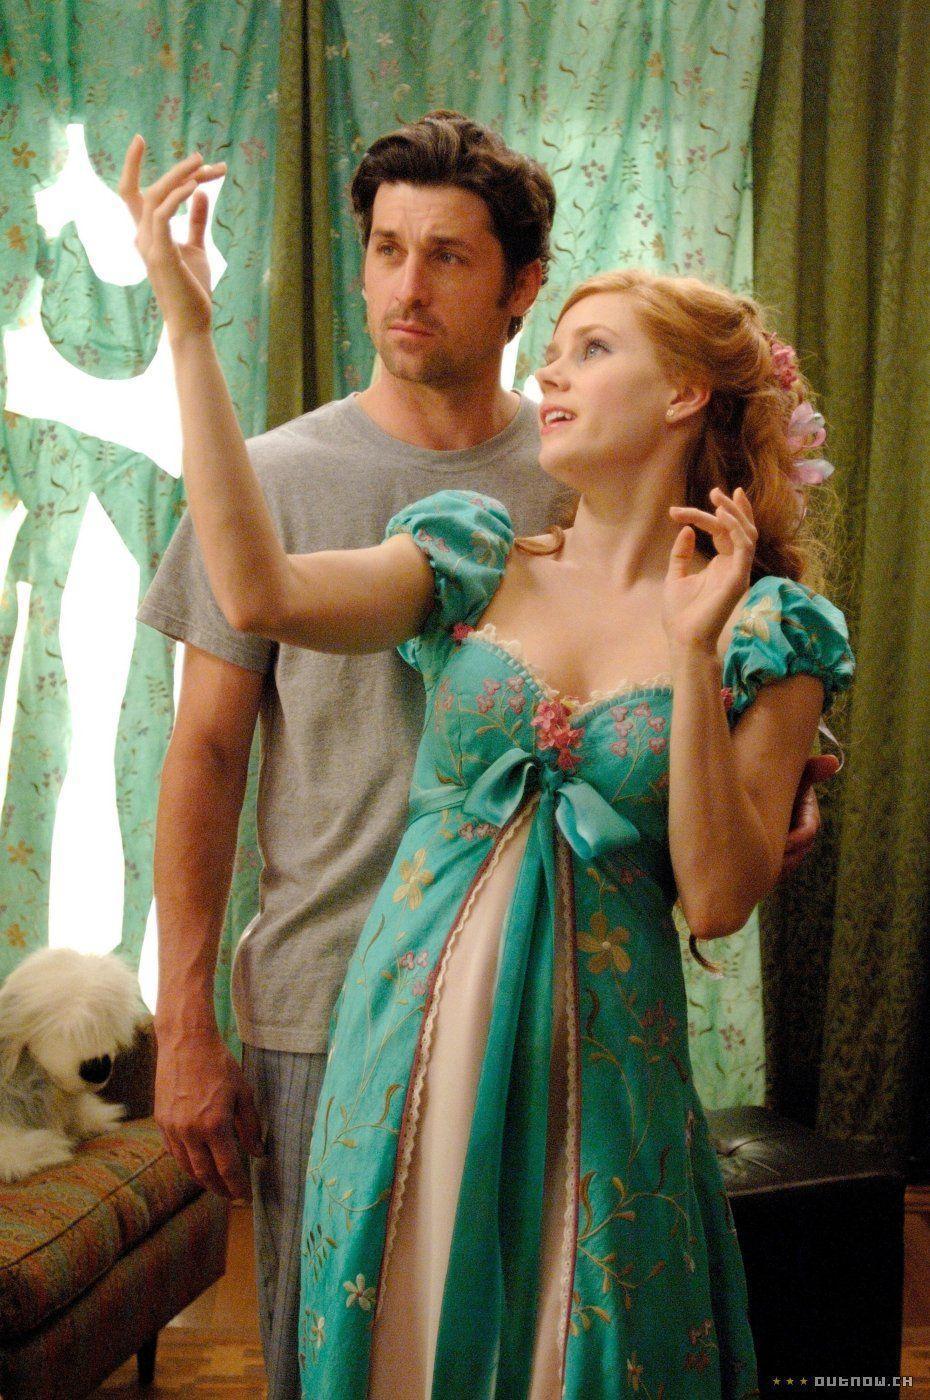 其餘演員包括男主角派屈克鄧普西是否回歸目前還未明朗。(網路圖片)